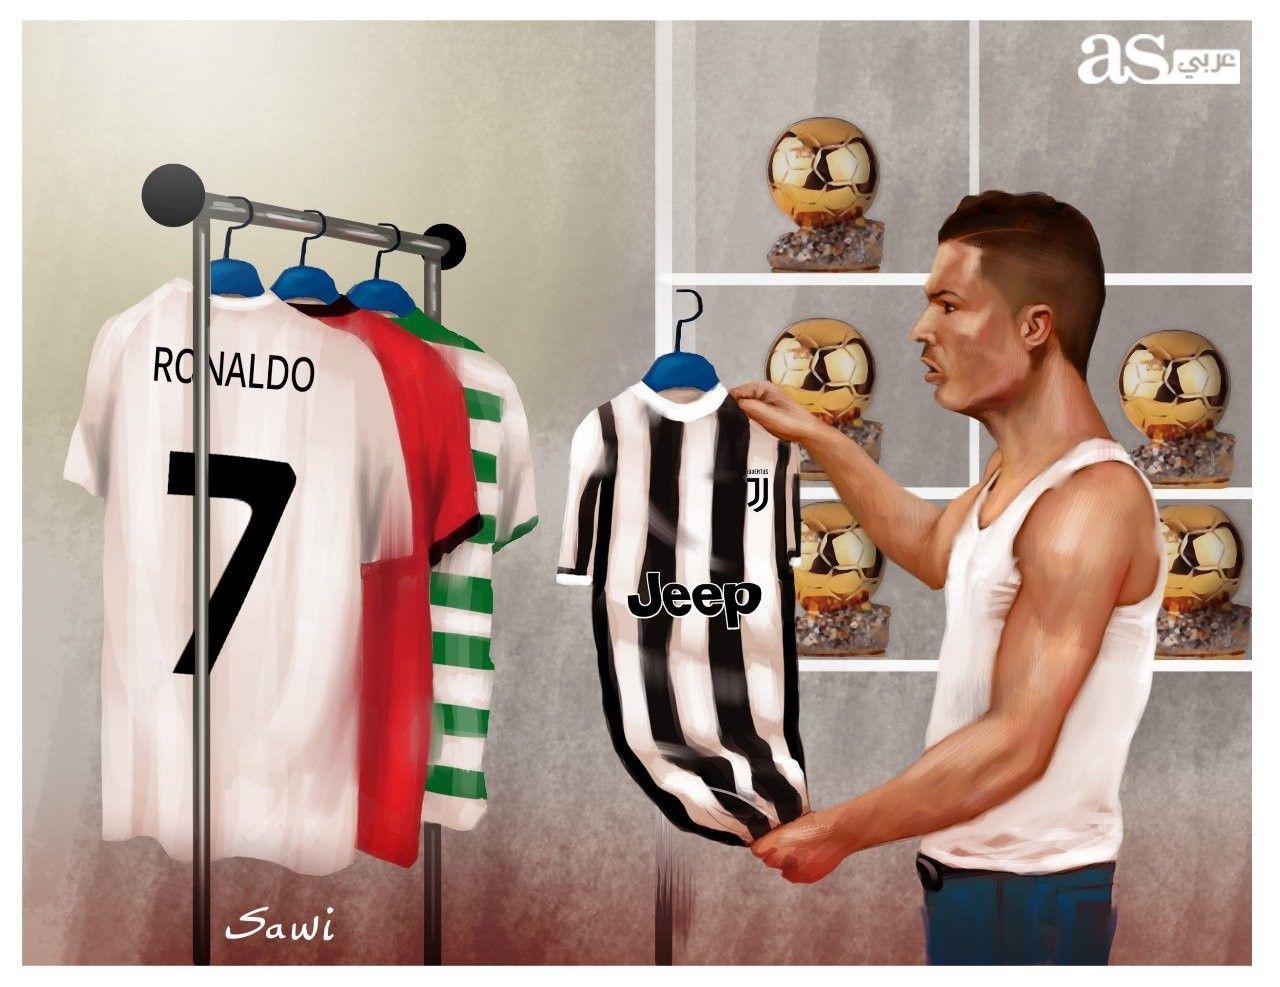 هل يضم كريستيانو رونالدو قميص يوفنتوس إلى قائمة قمصانه الملعب بين يديك